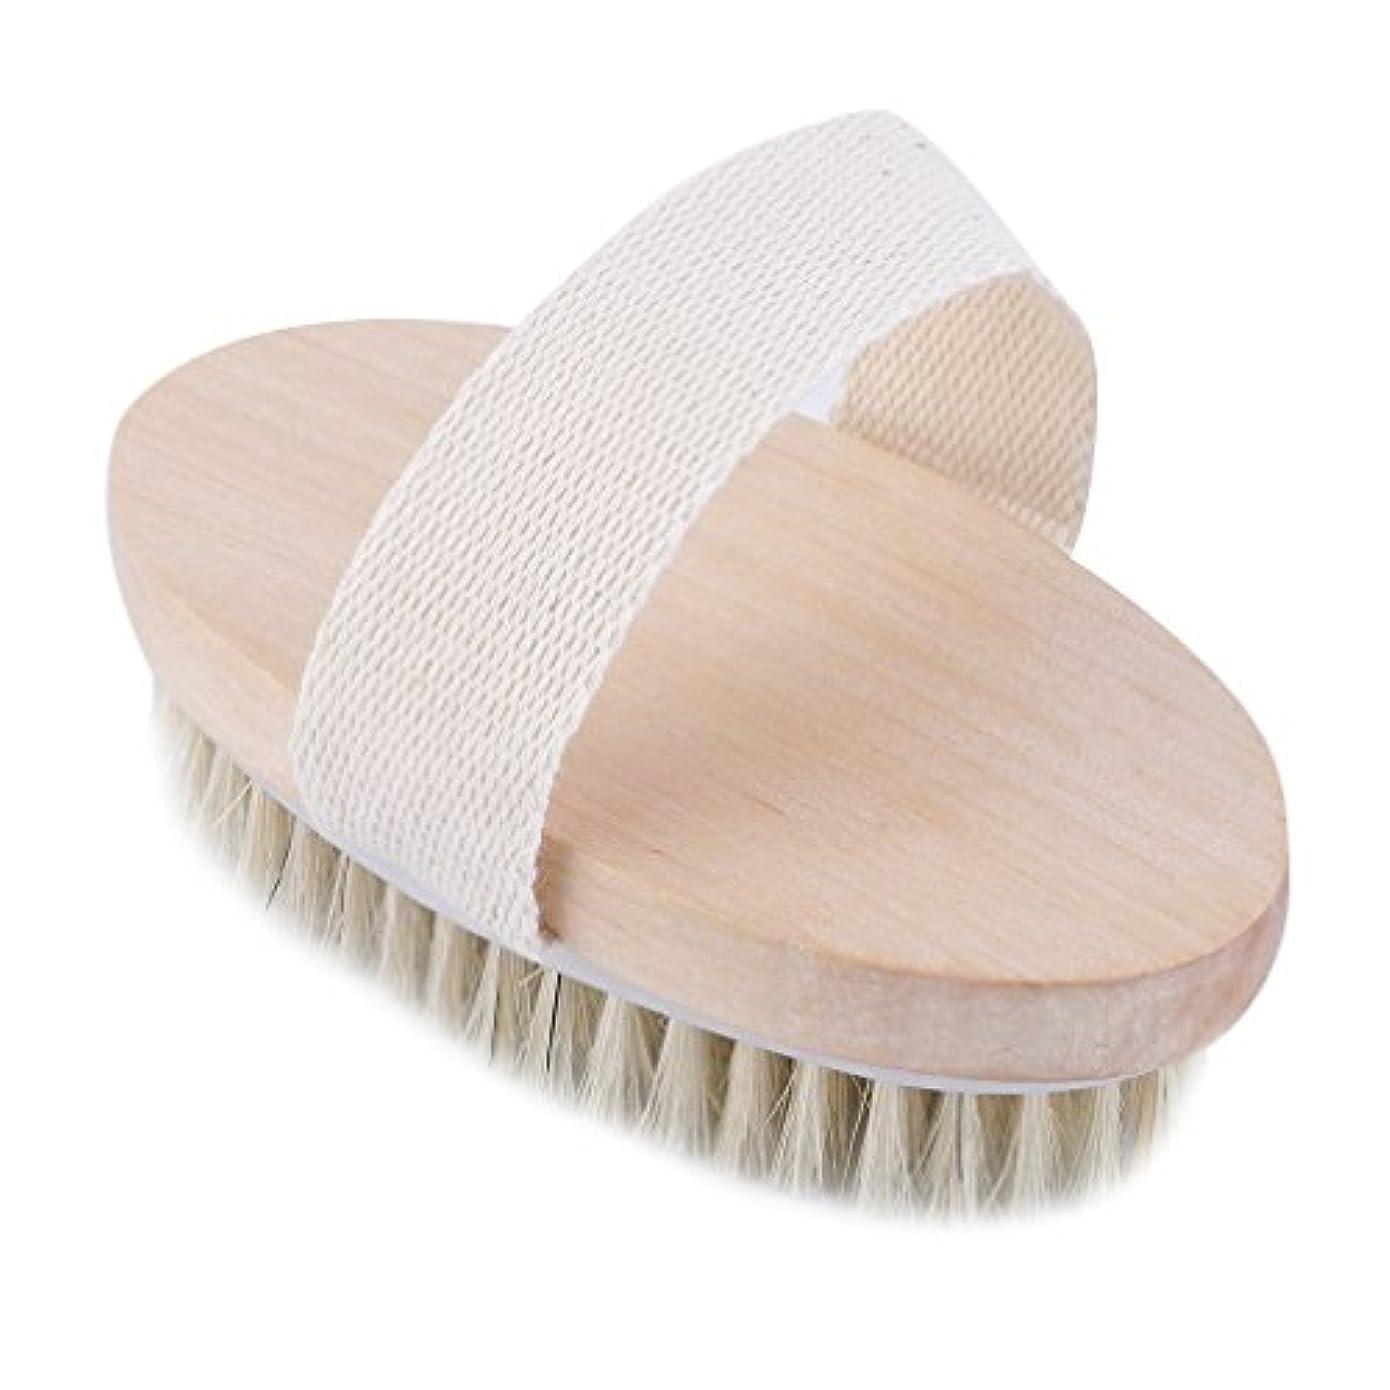 時溶けた贅沢uzinby 豚毛 天然素材 木製 短柄 ボディブラシ 足を洗う 角質除去 美肌 バス用品